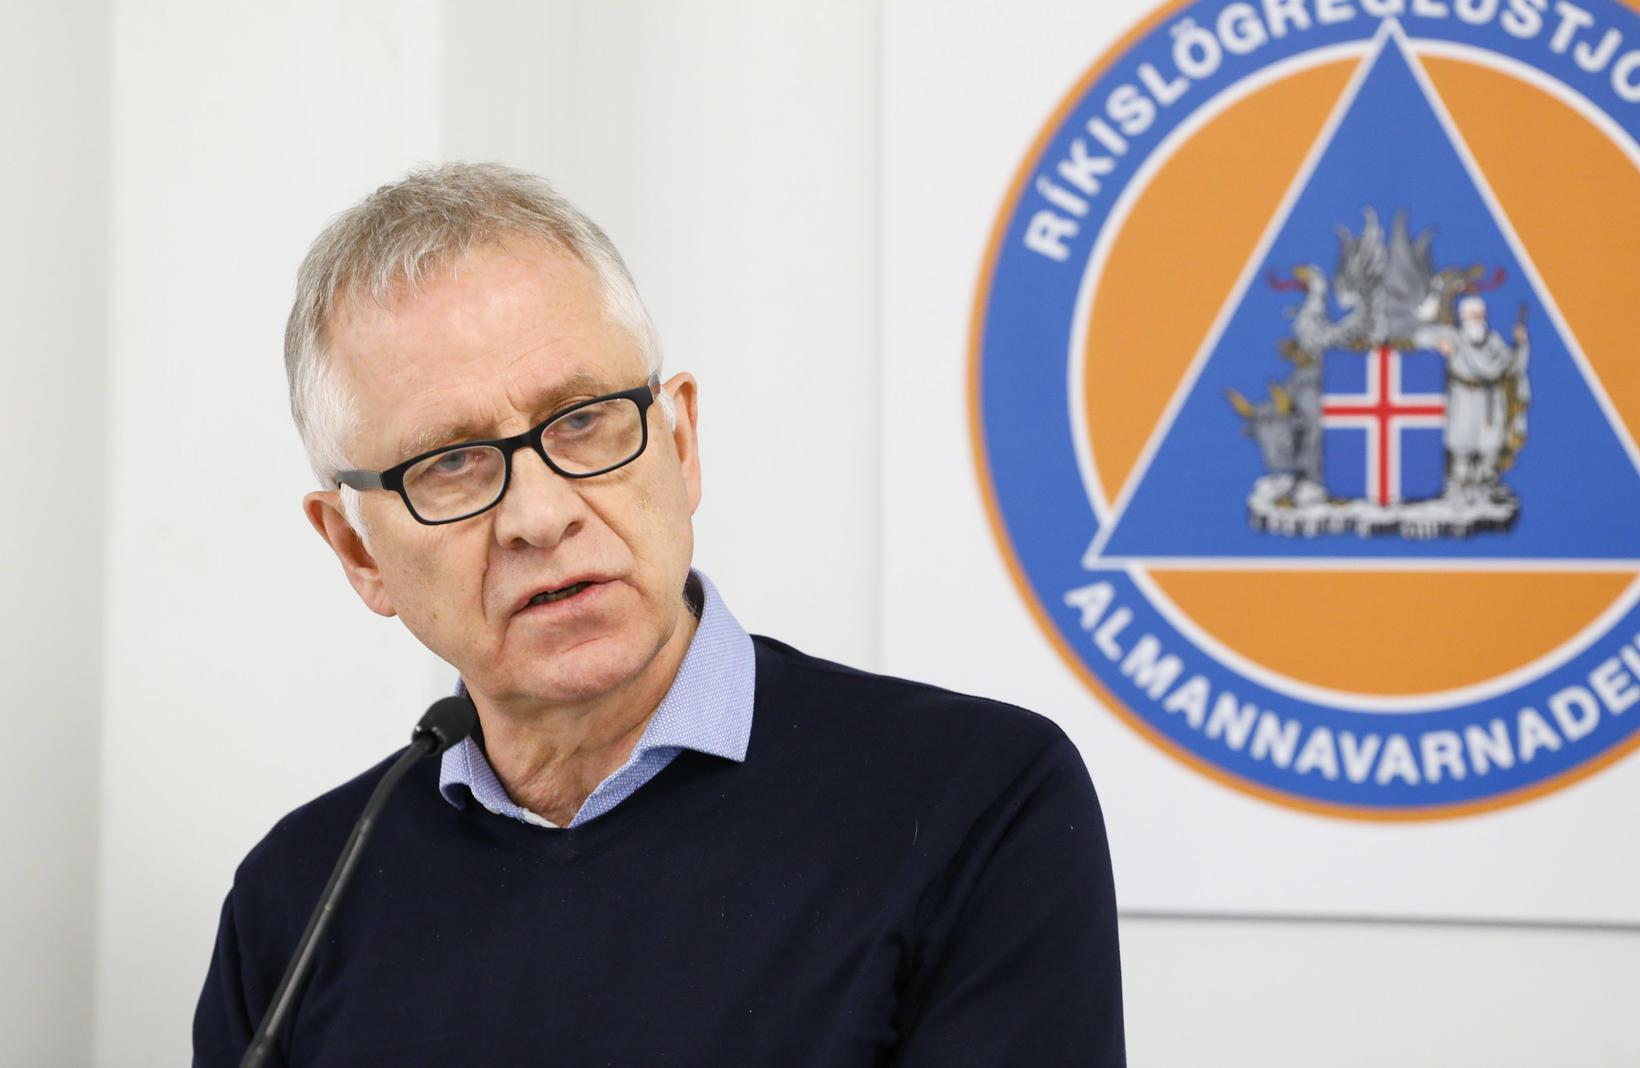 Thorolfur Gudnason